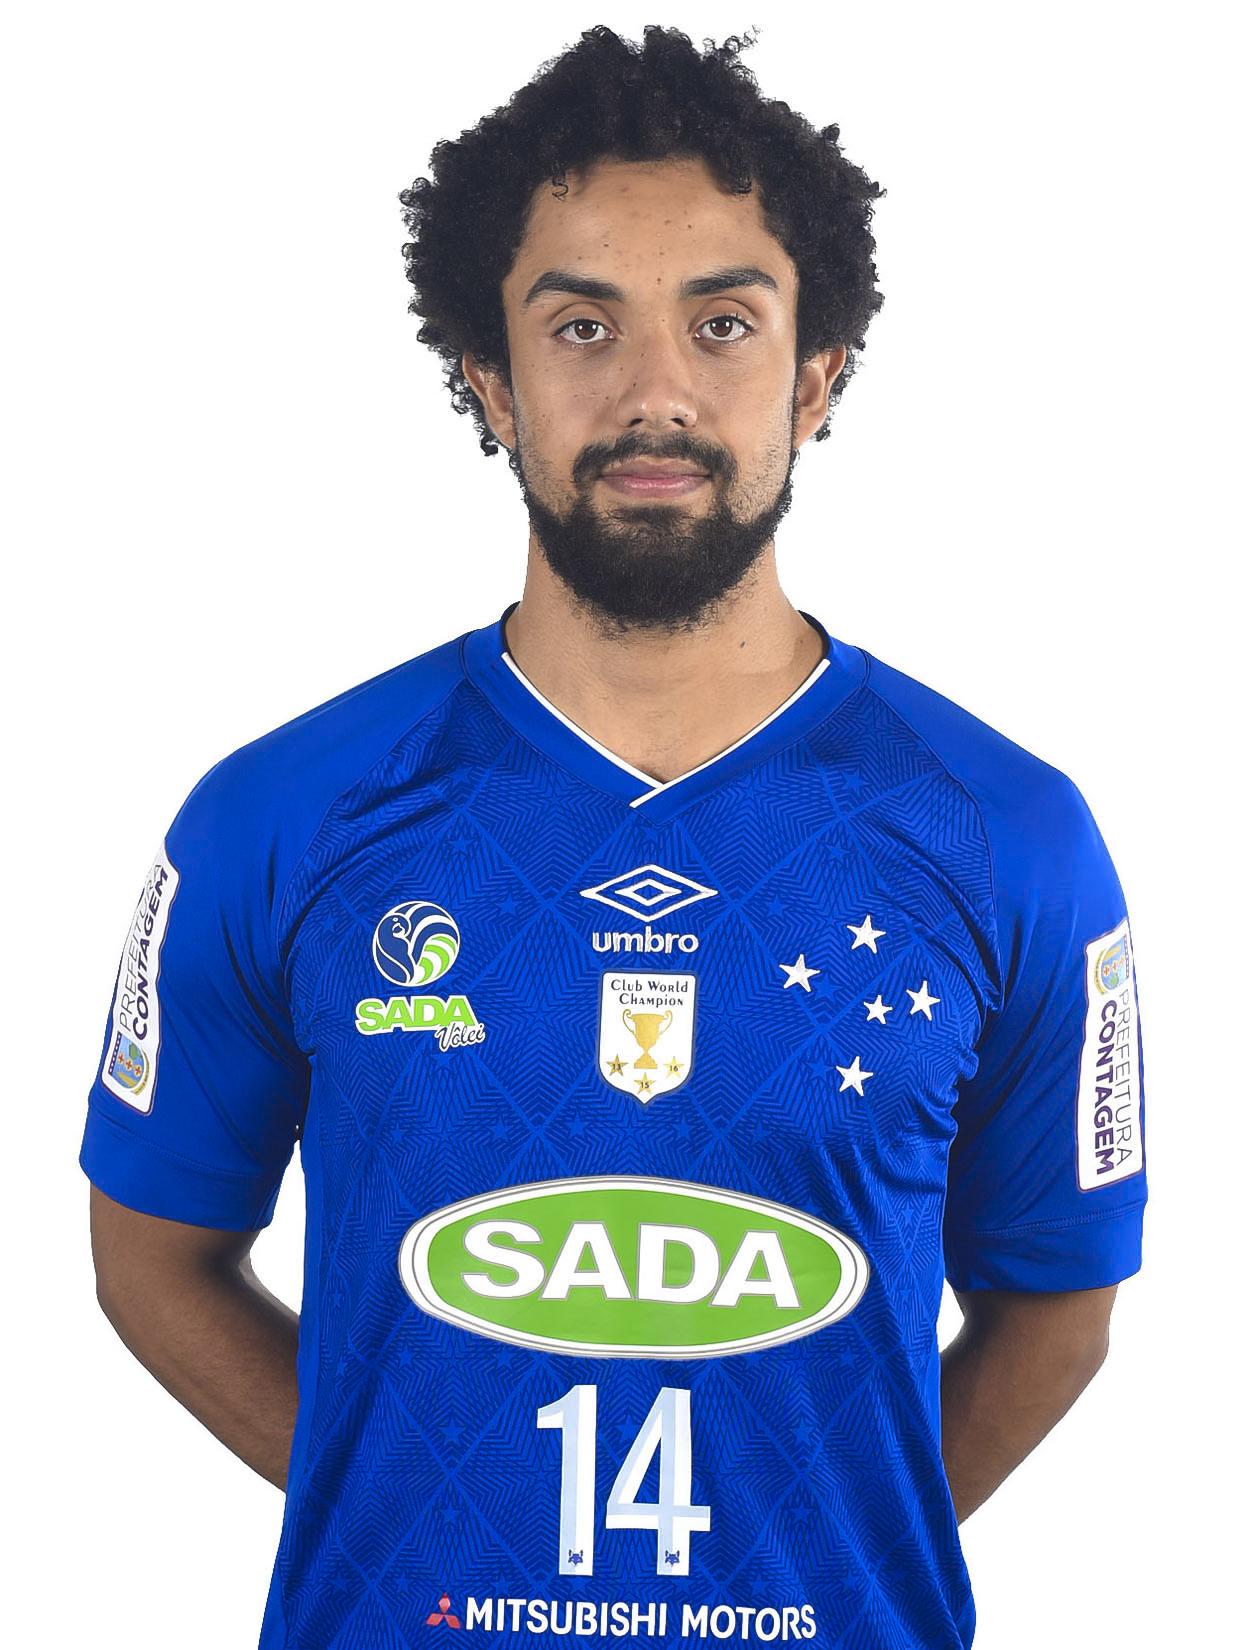 Fernando Cachopa